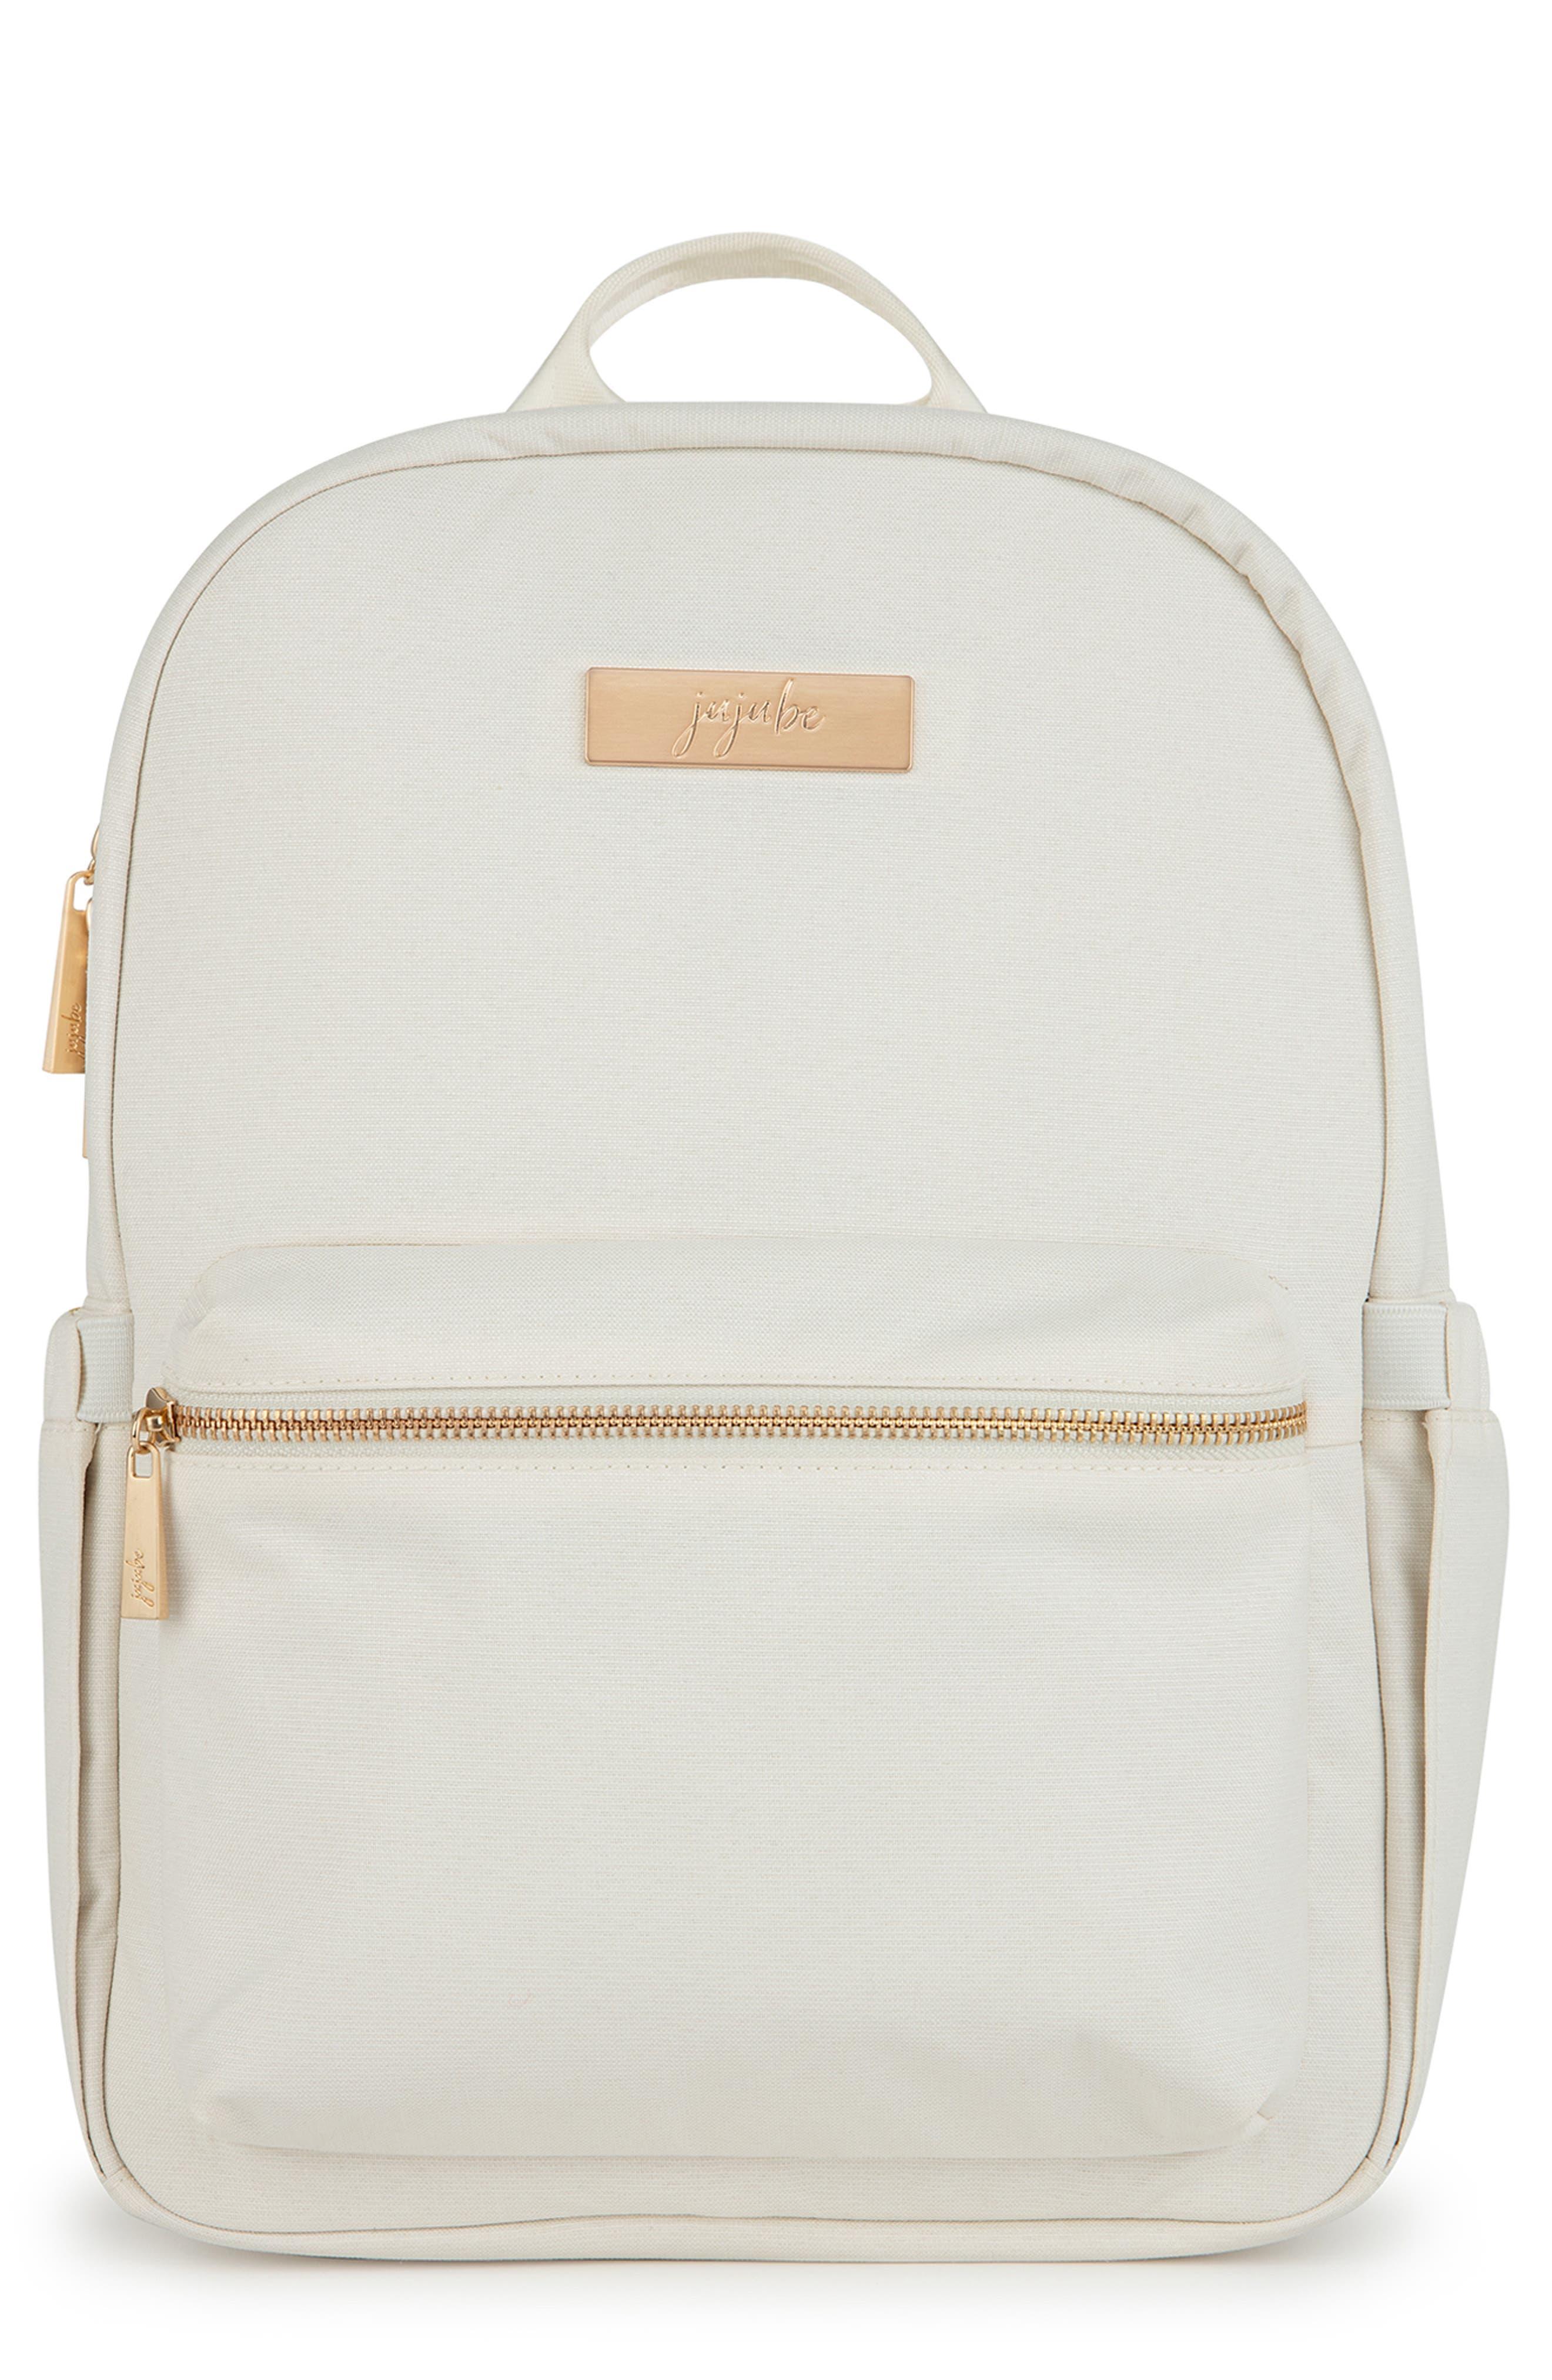 Ju-Ju-Be Midi Backpack - Ivory